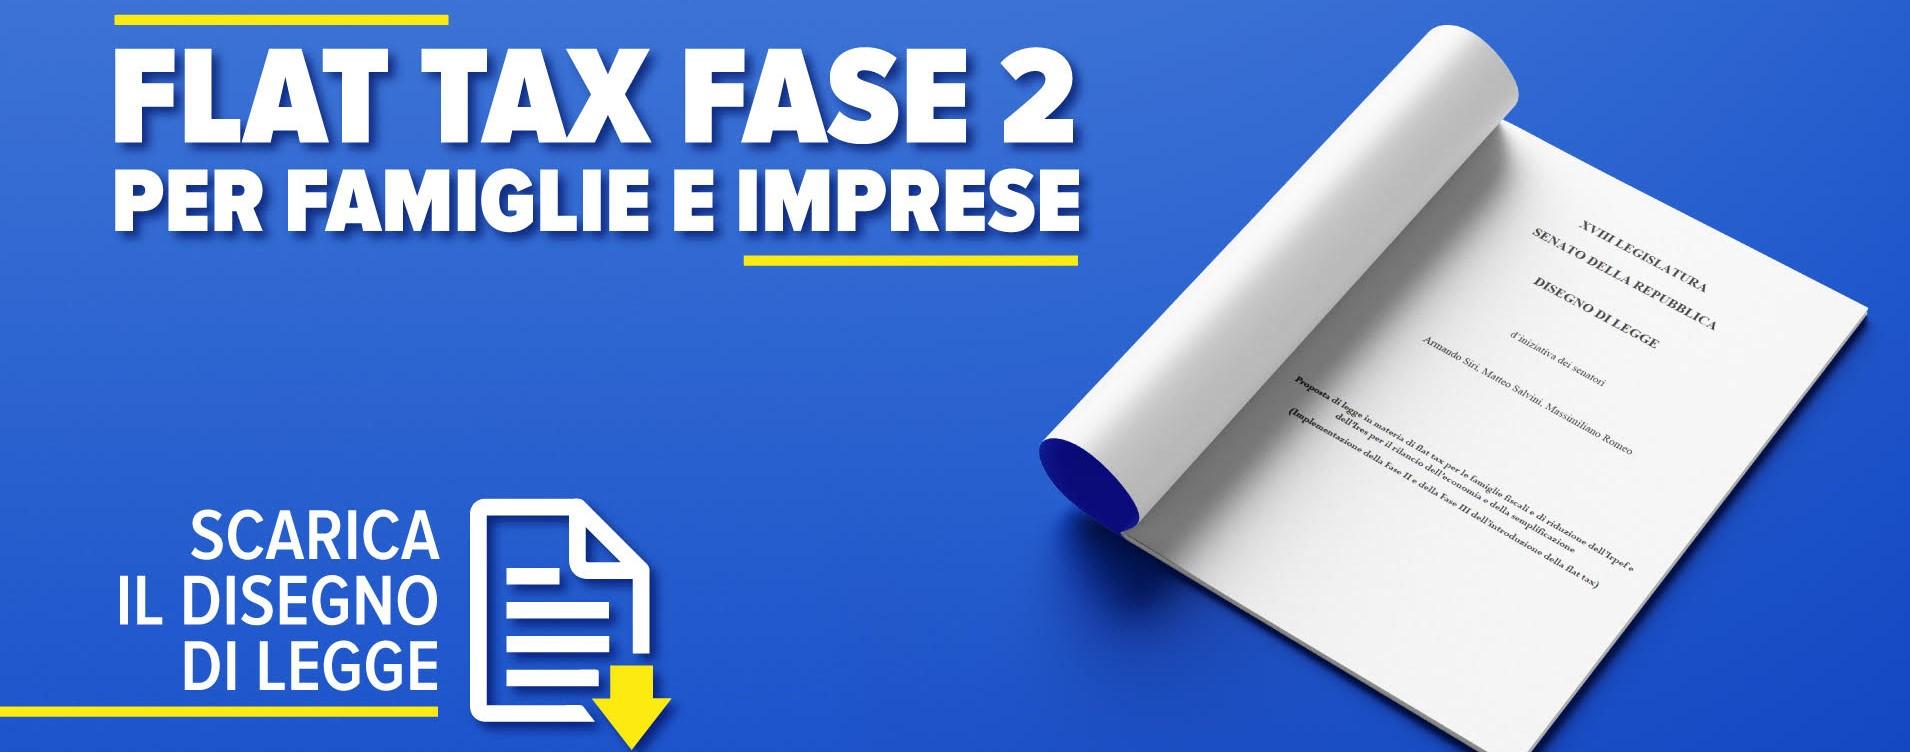 Gazebo Flat Tax il 27 e 28 giugno 2020 a Torremaggiore su Corso Giacomo Matteotti dalle ore 11 alle ore 21